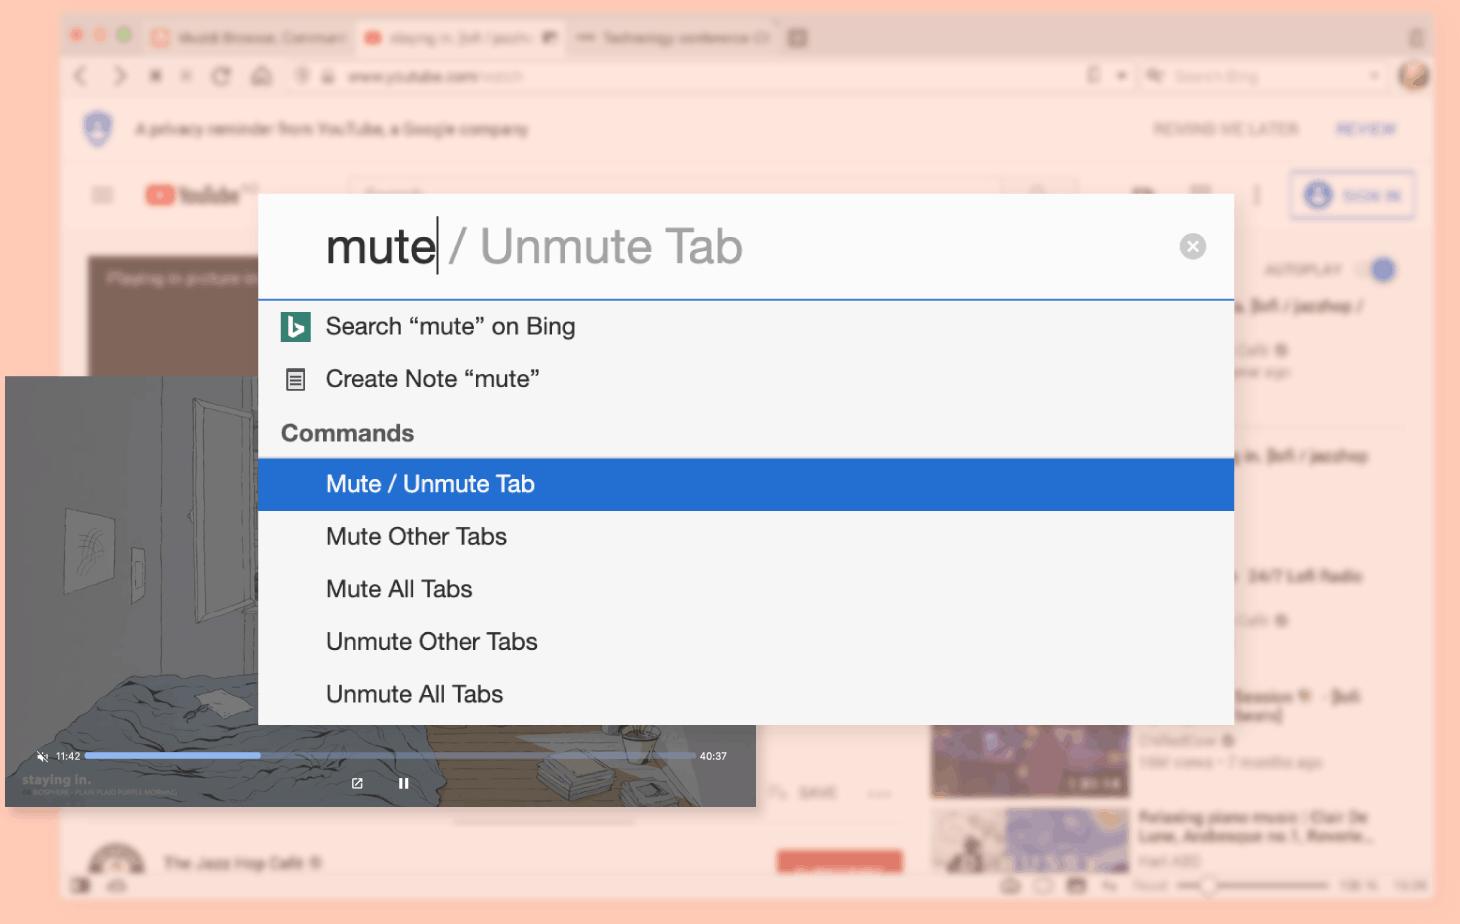 Vivaldi 3.2 Tab Mute Via Qc V1